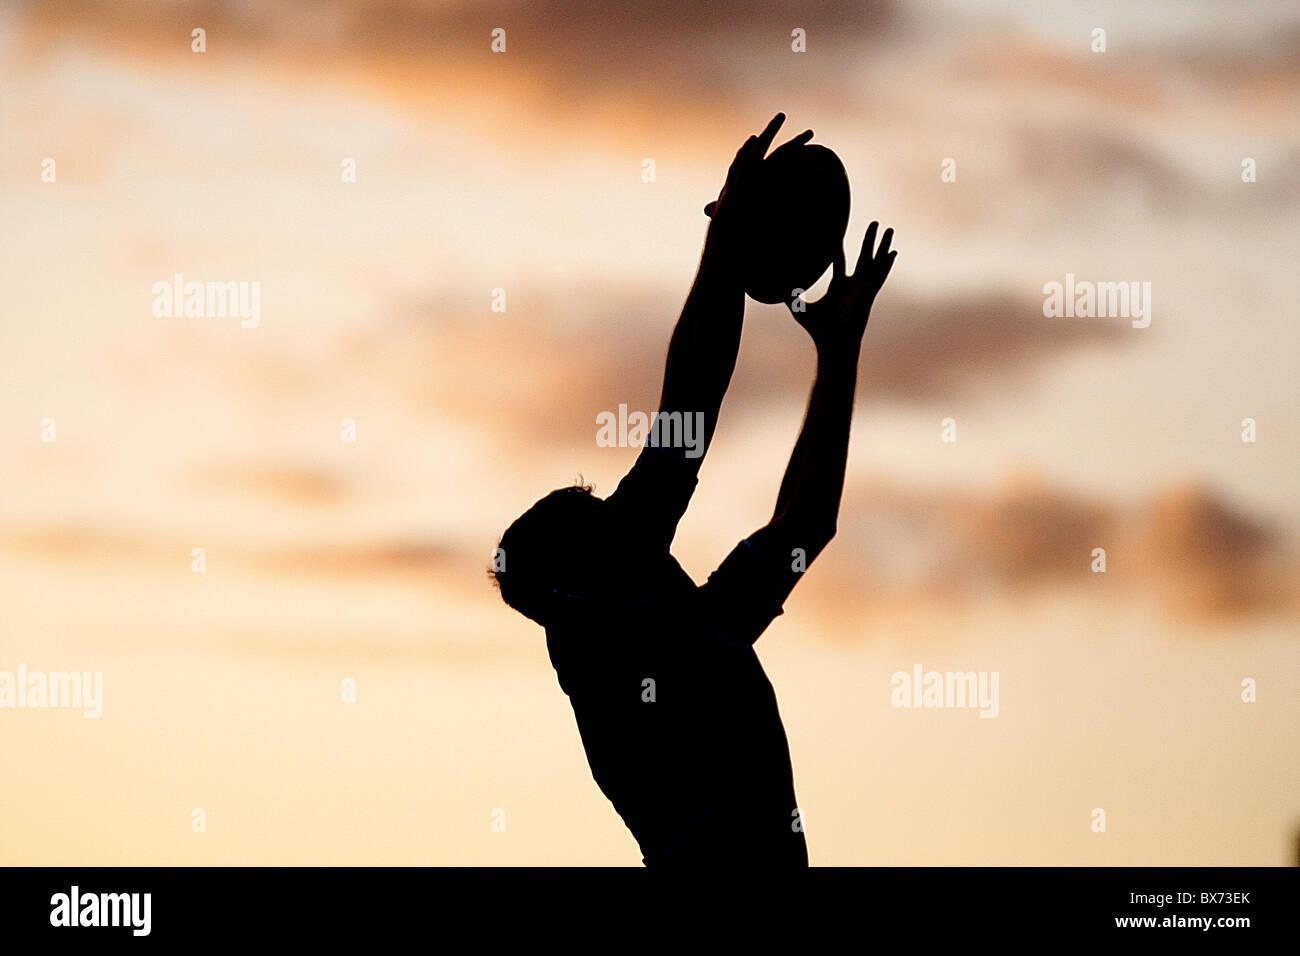 Rugby-Silhouette-Spieler mit Ball mit Sonnenuntergang Stockfoto